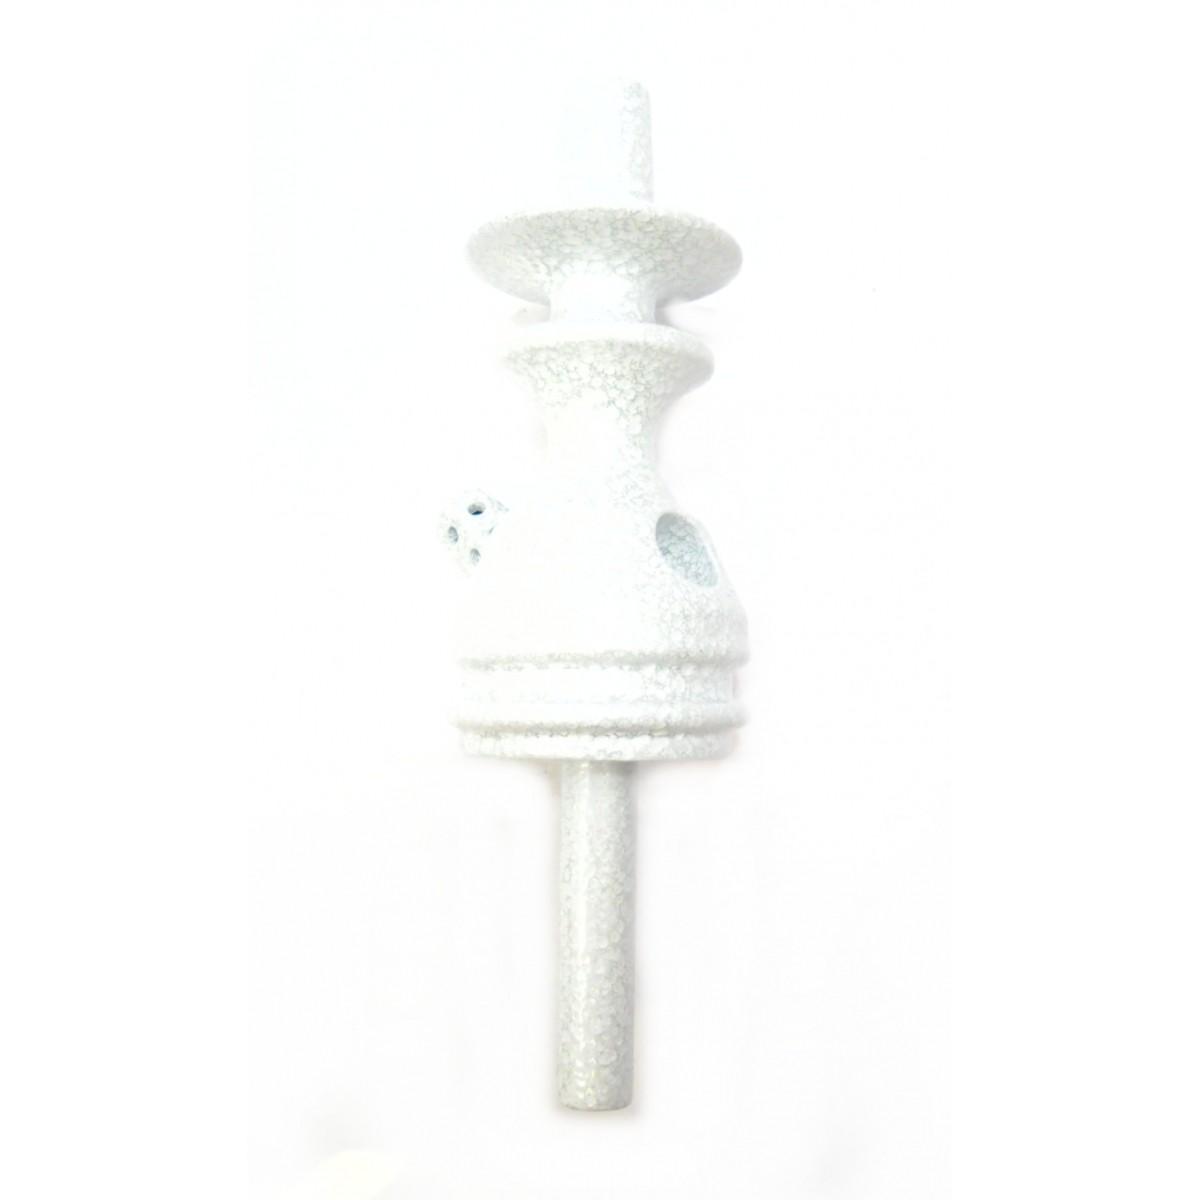 Stem (corpo de narguile) JUDITH BRANCO MARTELADO 22cm., inox (alumínio), dutado e usinado.